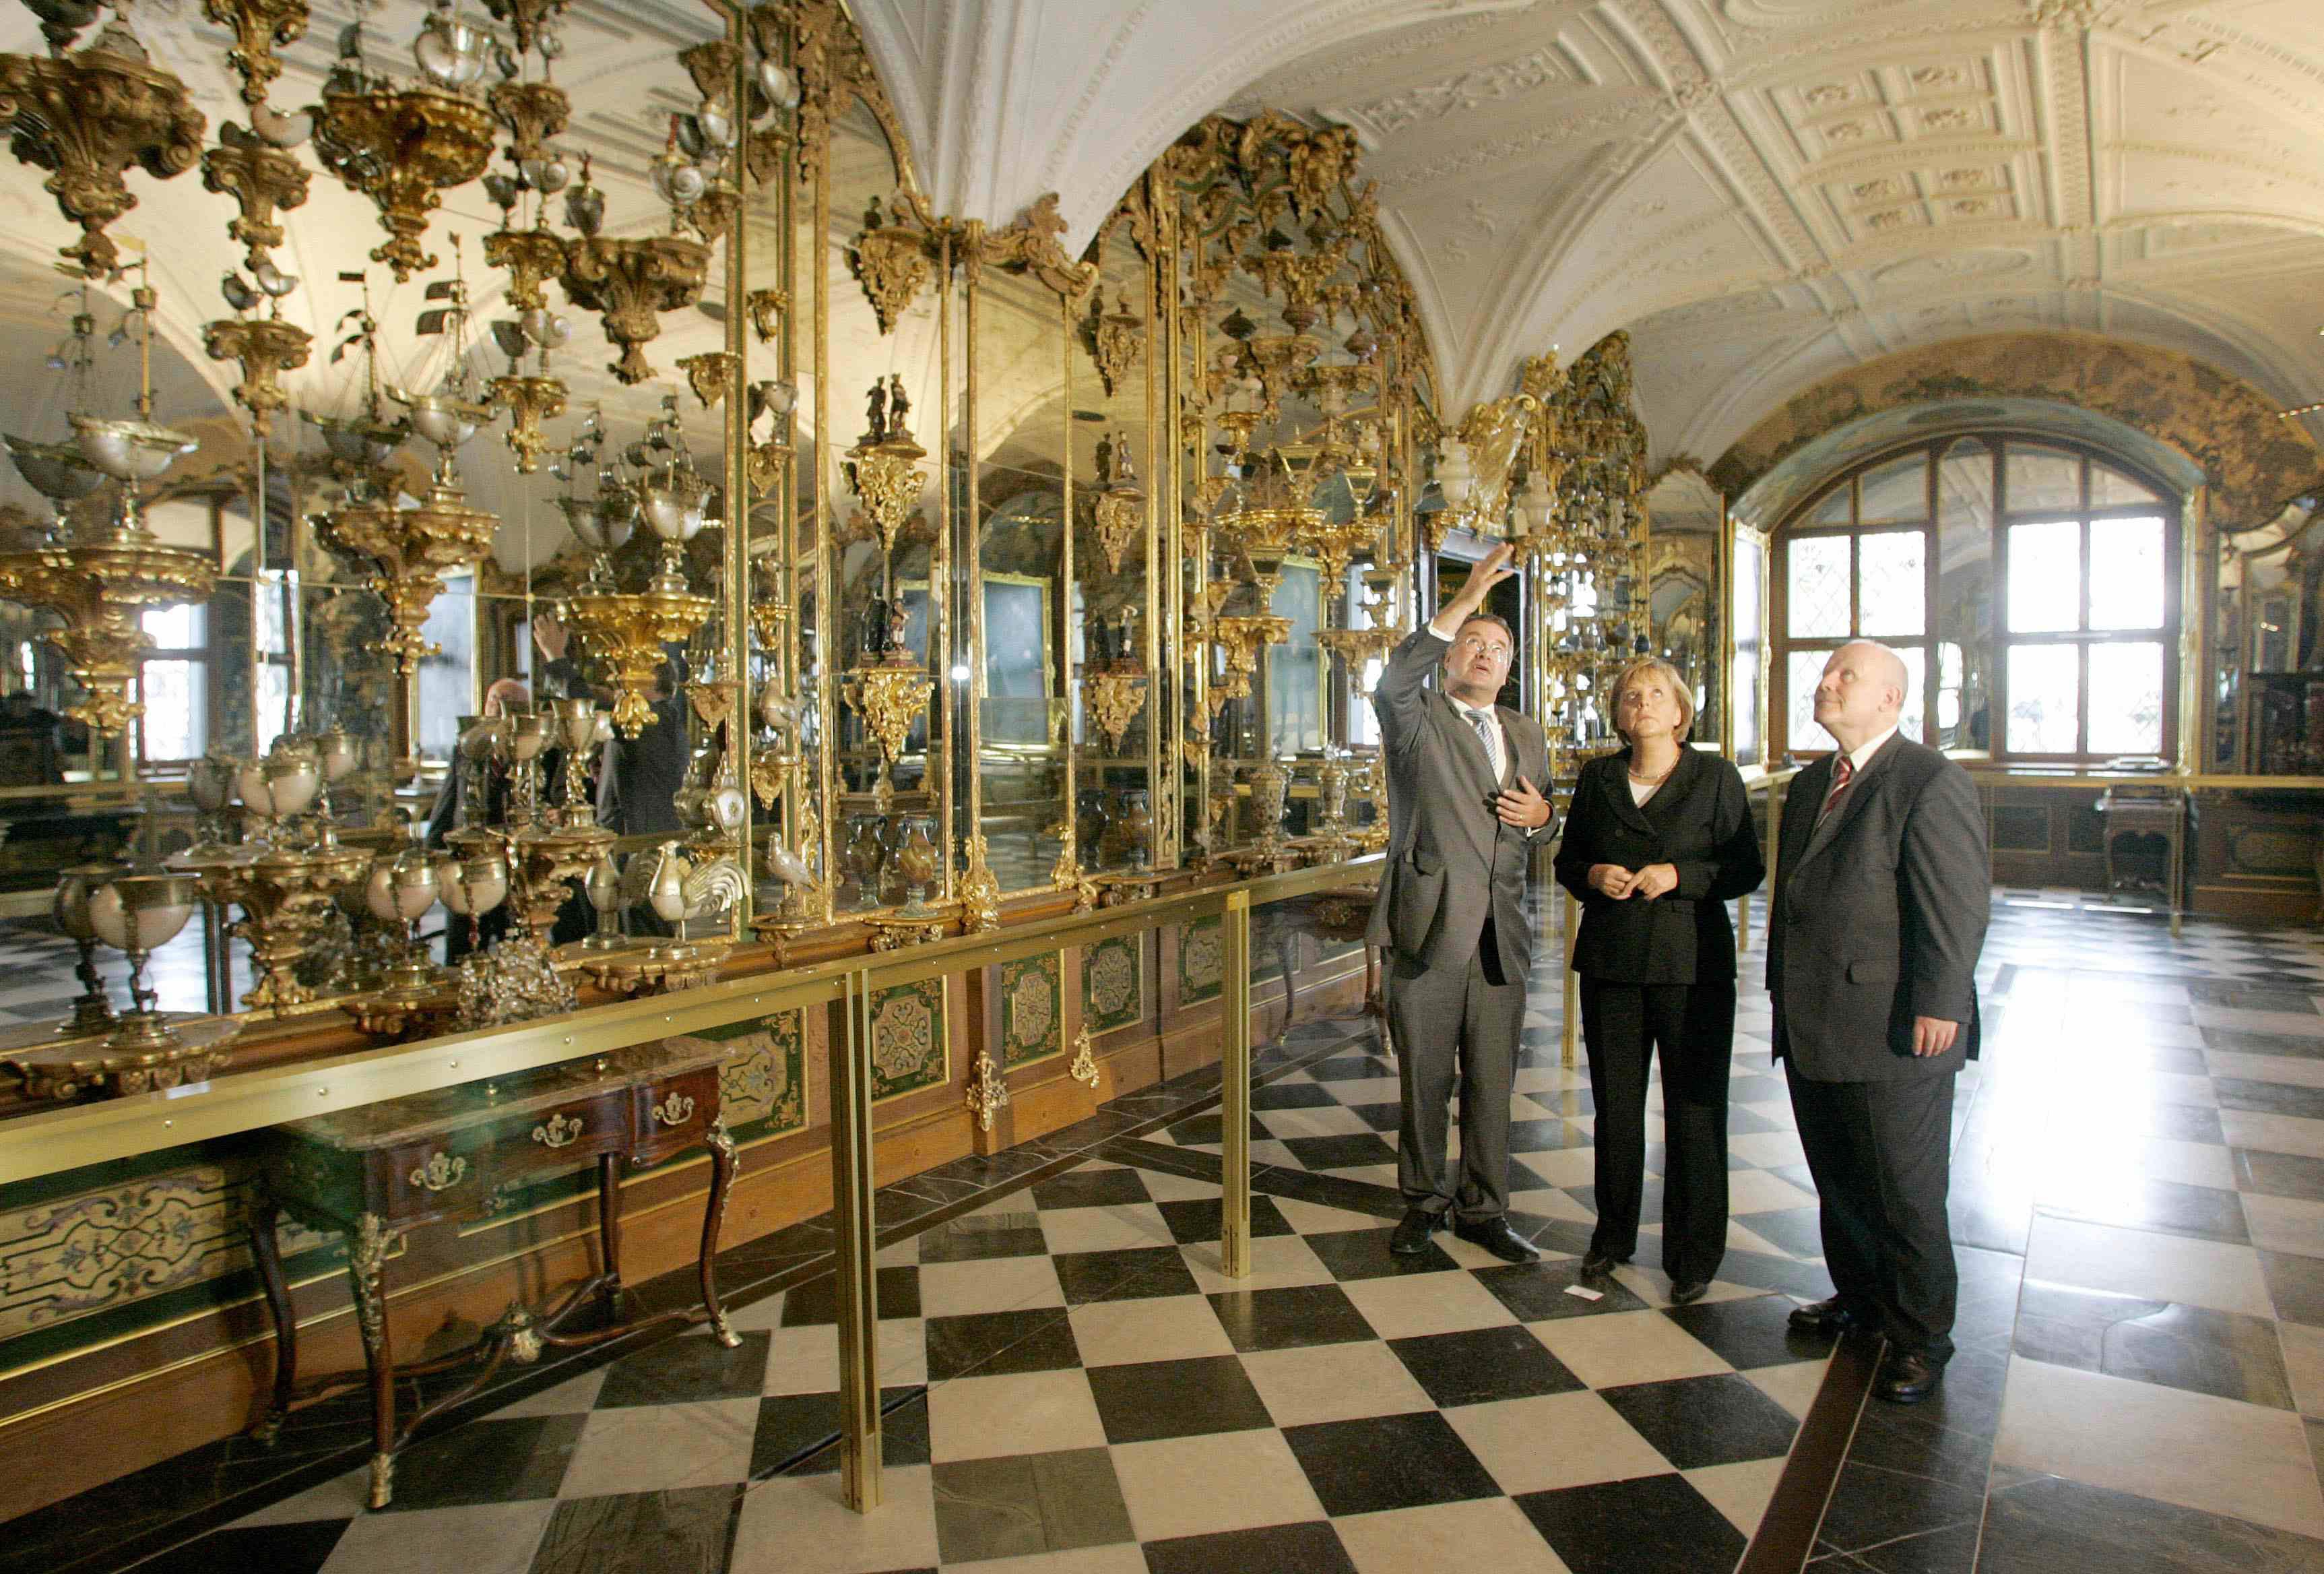 """المستشارة الألمانية أنجيلا ميركل في زيارة لمتحف """"الخزنة الخضراء"""" في دريسدن عام 2006"""